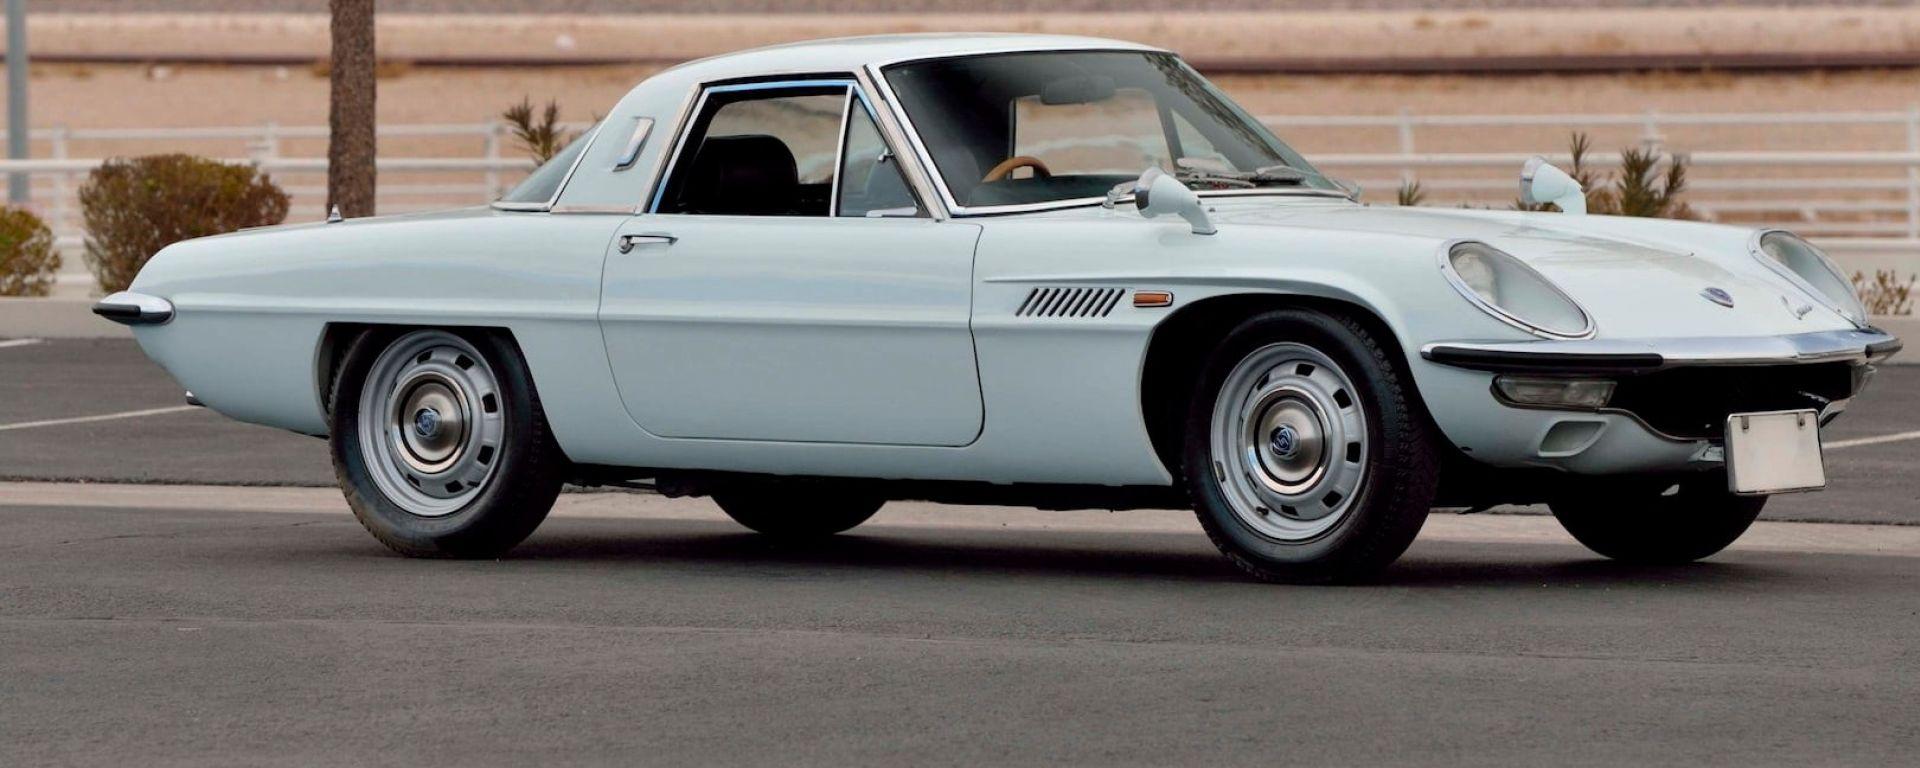 Mazda Cosmo Sport all'asta